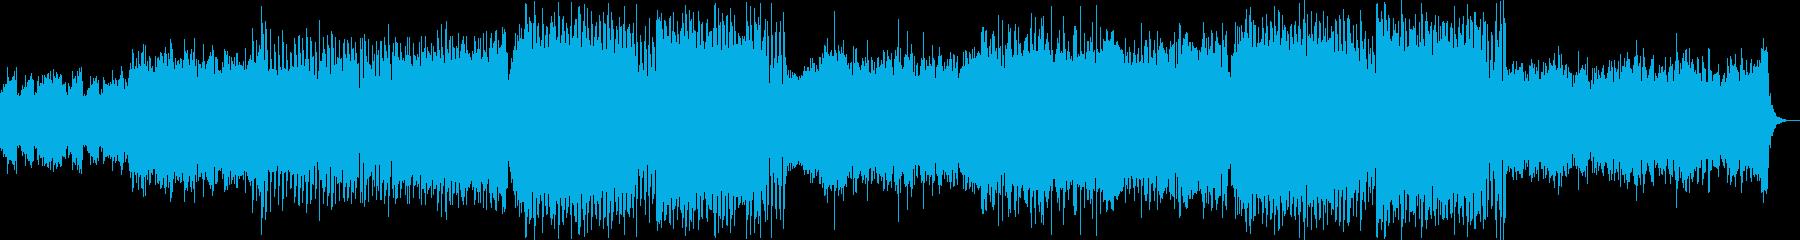 ストリングスとシンセメインの感情的EDMの再生済みの波形